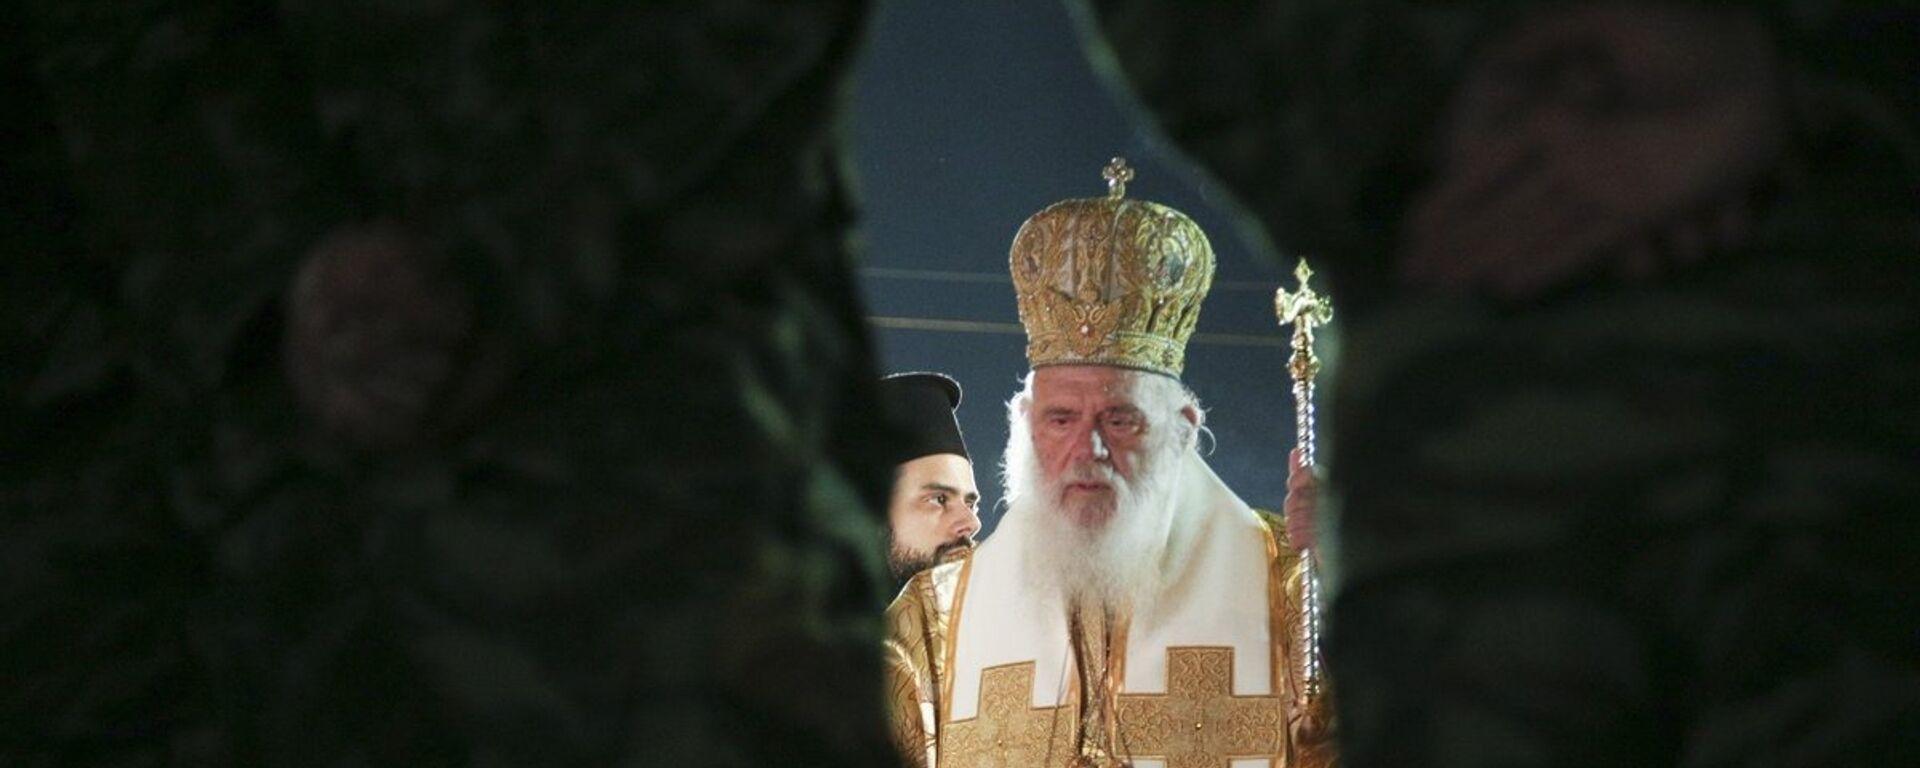 Ο αρχιεπίσκοπος Ιερώνυμος - Sputnik Ελλάδα, 1920, 30.10.2019